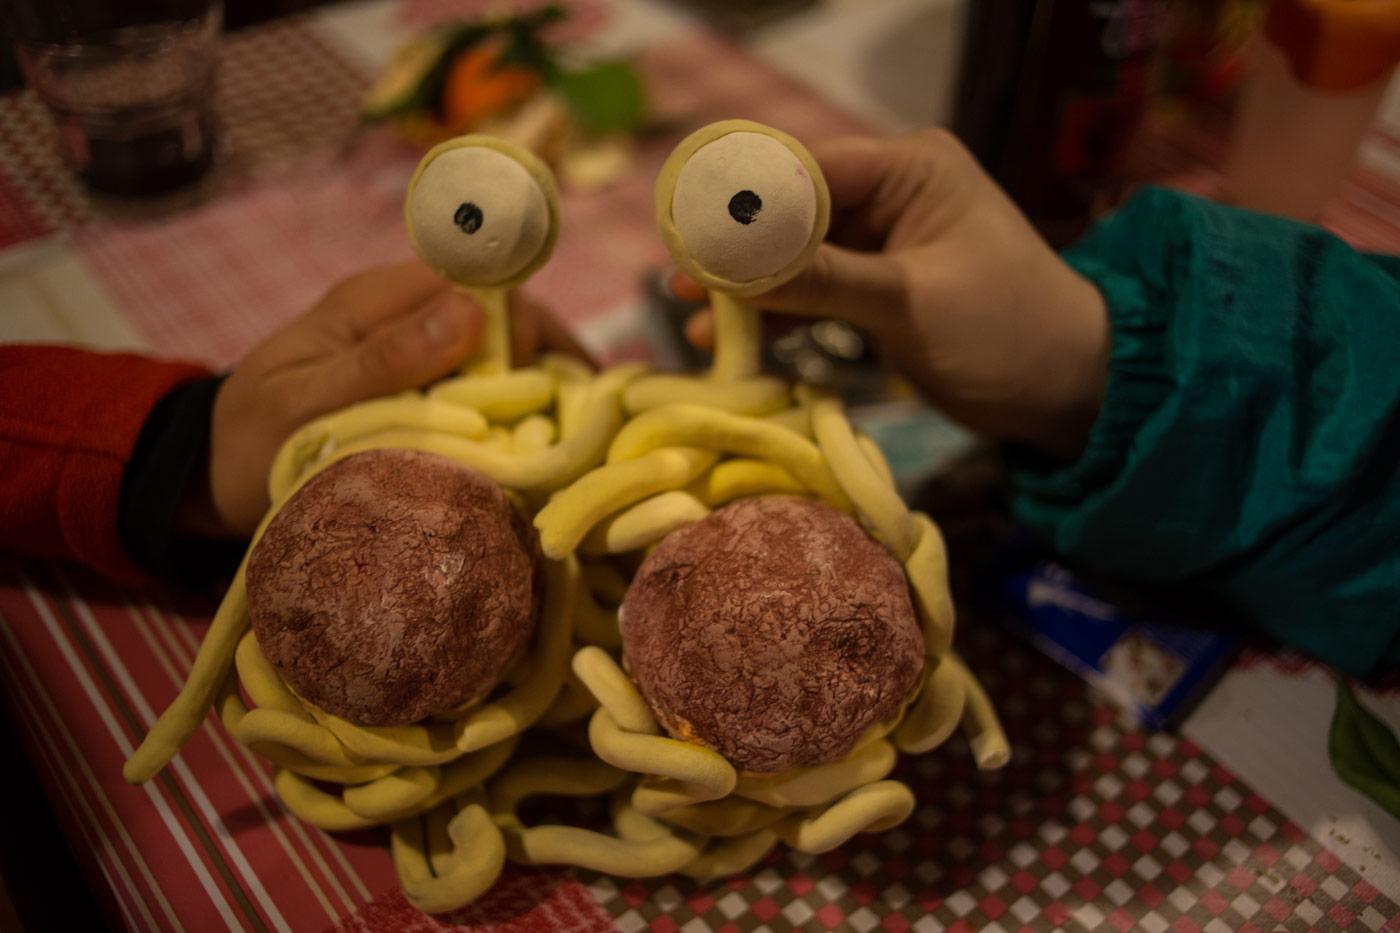 Siamo stati al Capodanno pastafariano